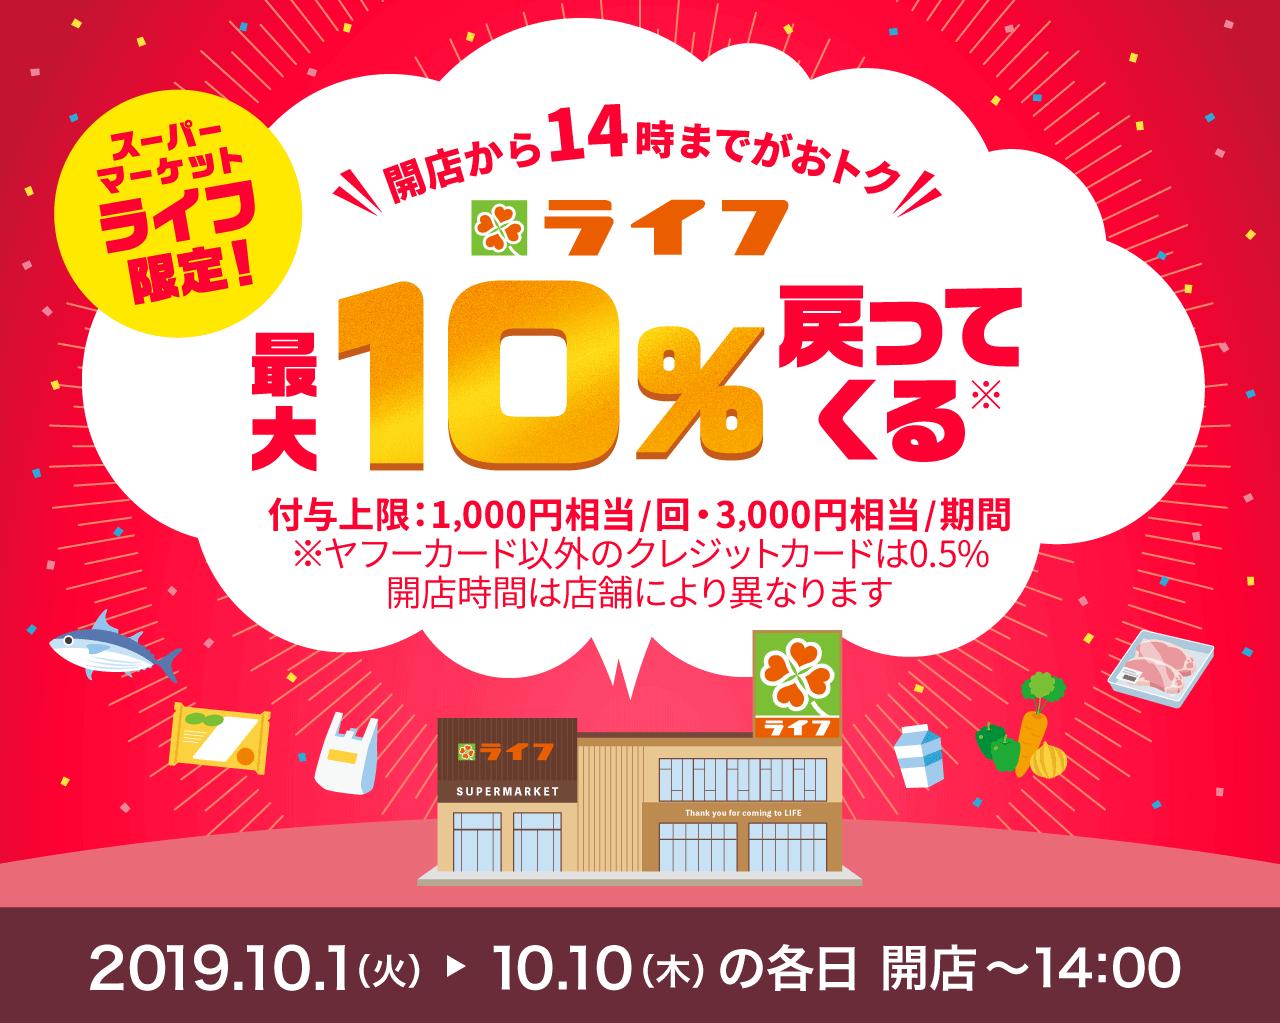 スーパーマーケットライフ限定! 開店から14時までがおトク 最大10%戻ってくる